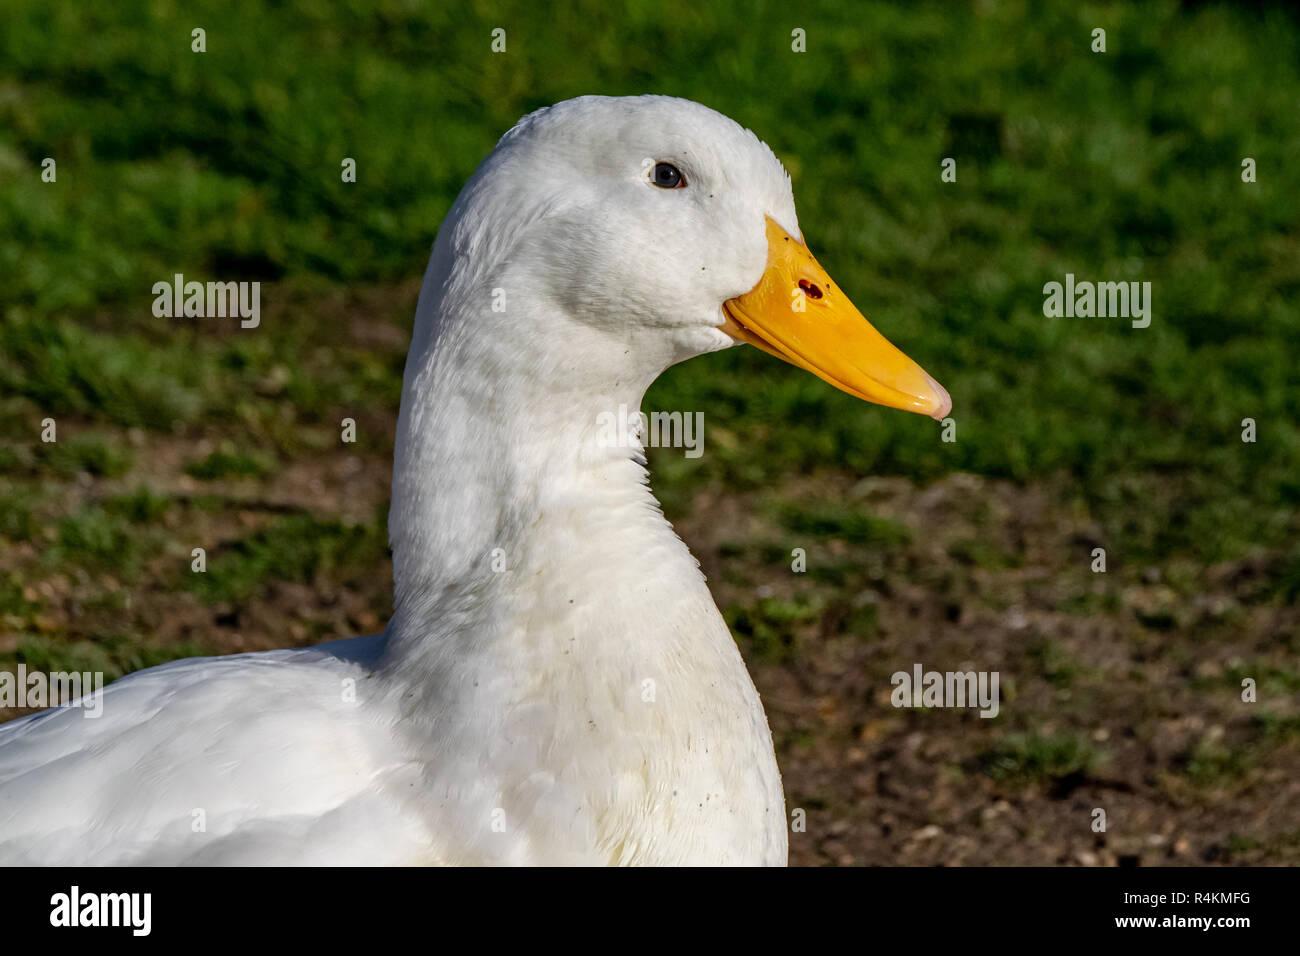 Portrait of heavy white American Pekin Duck - Stock Image